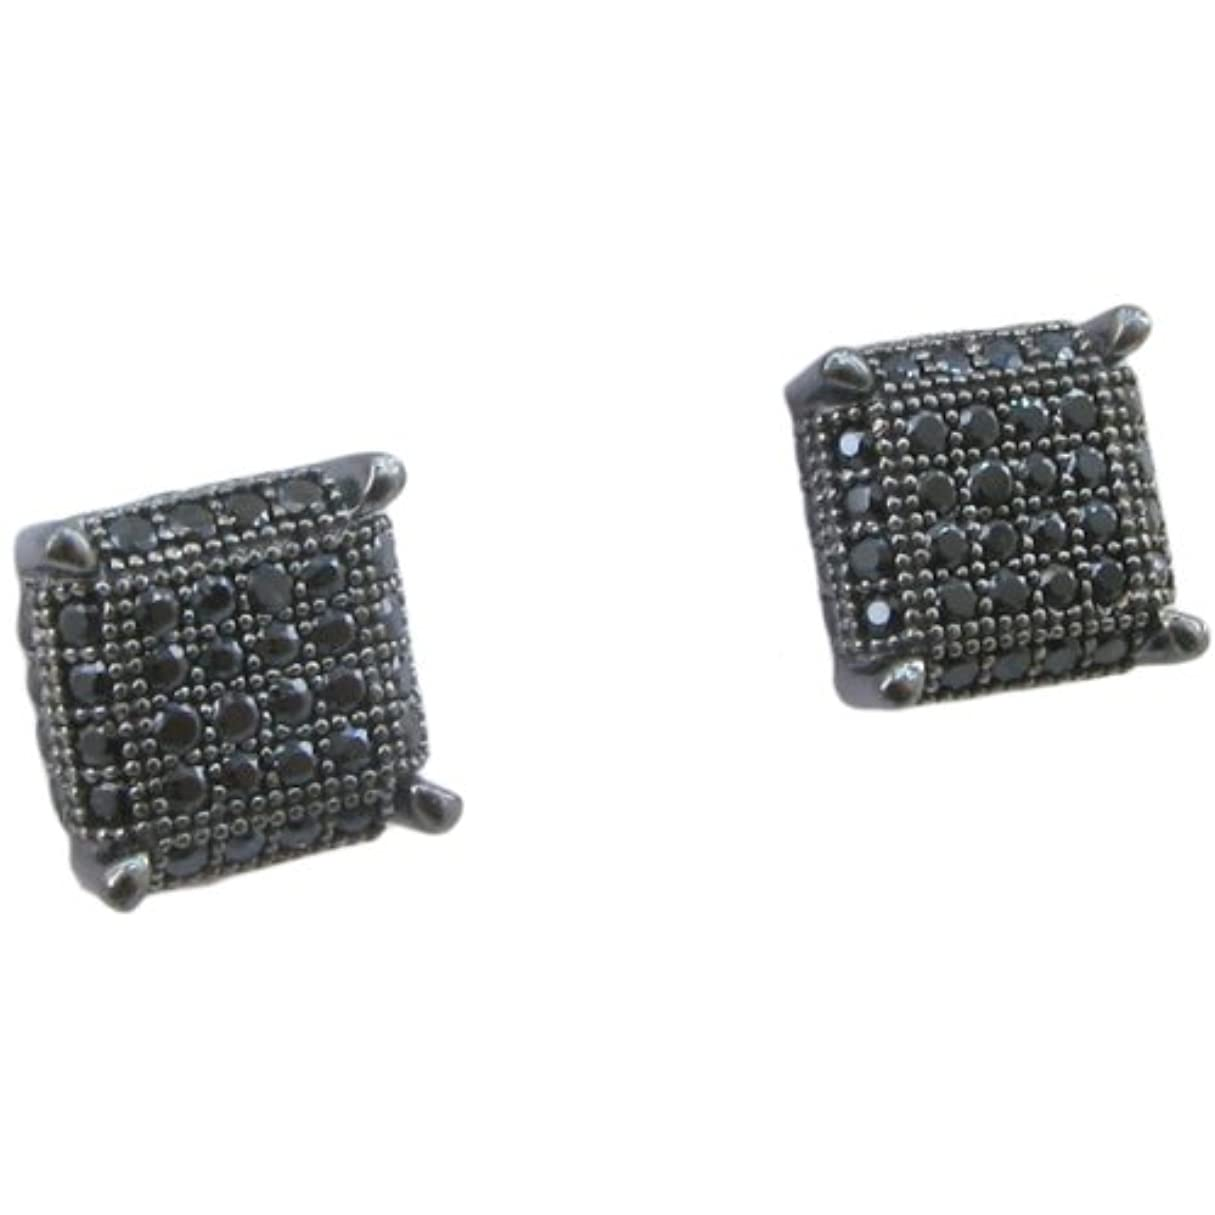 リーフレット負荷溶融メンズ925スターリングシルバーブラック8行正方形イヤリングmlcz78 4 mm厚8 mm幅、サイズ